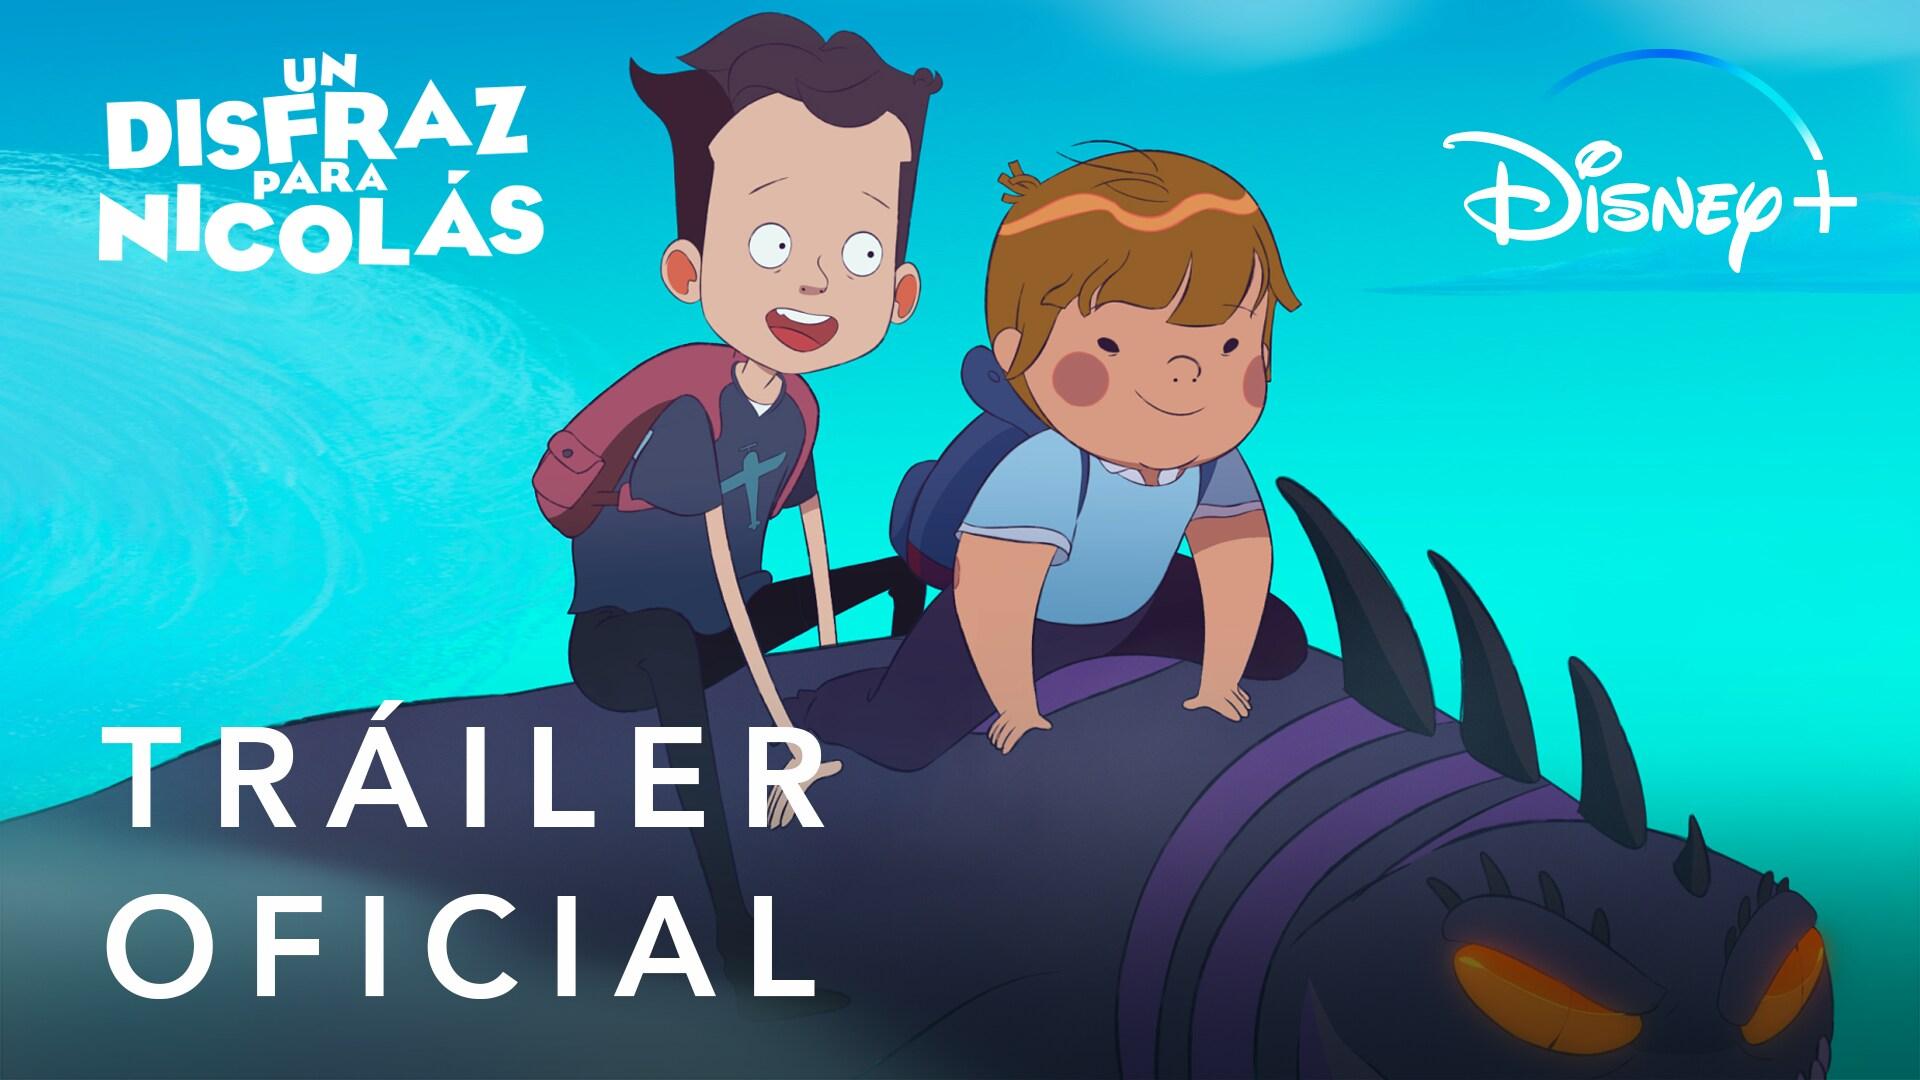 Un Disfraz Para Nicolás | Trailer | Disney+